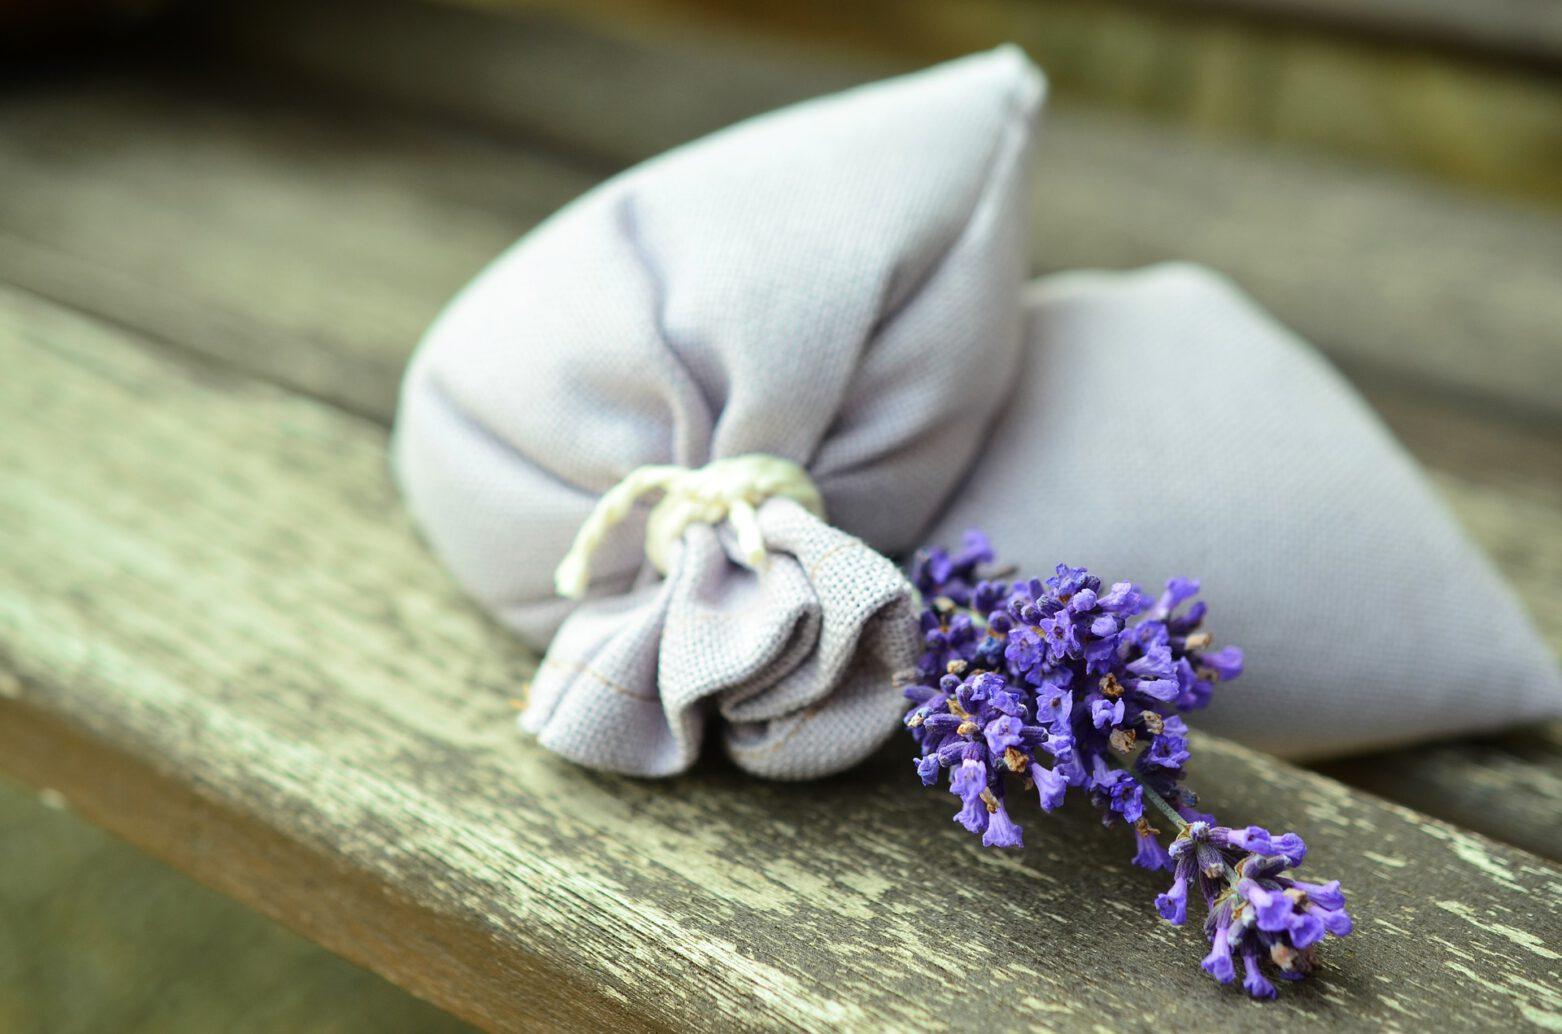 Duftender Abfall – Herstellen von Lavendelsäckchen aus Altmaterial